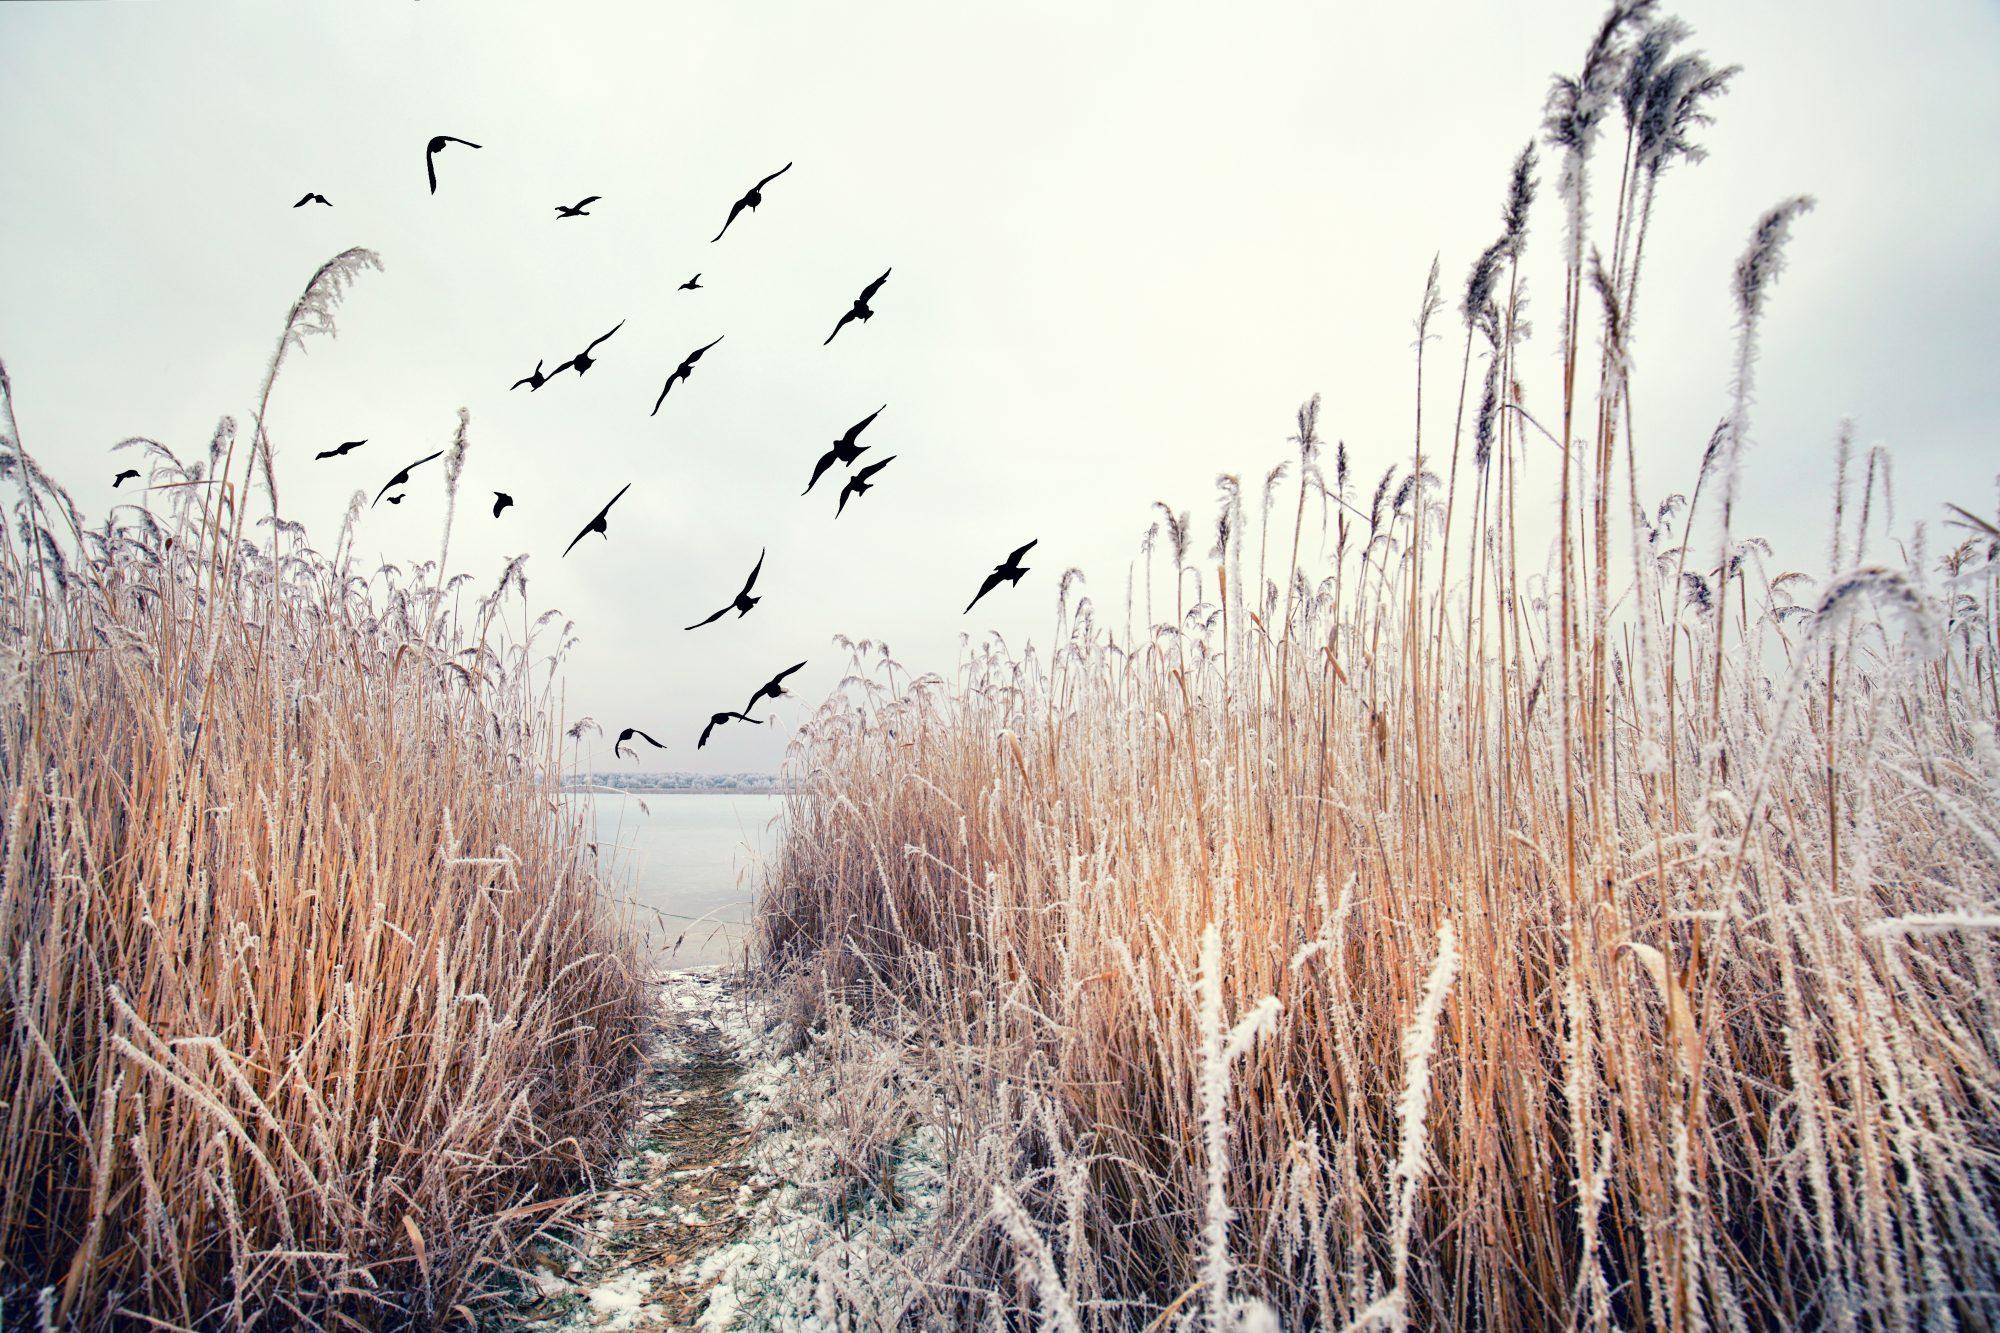 Birds of the wetland edge